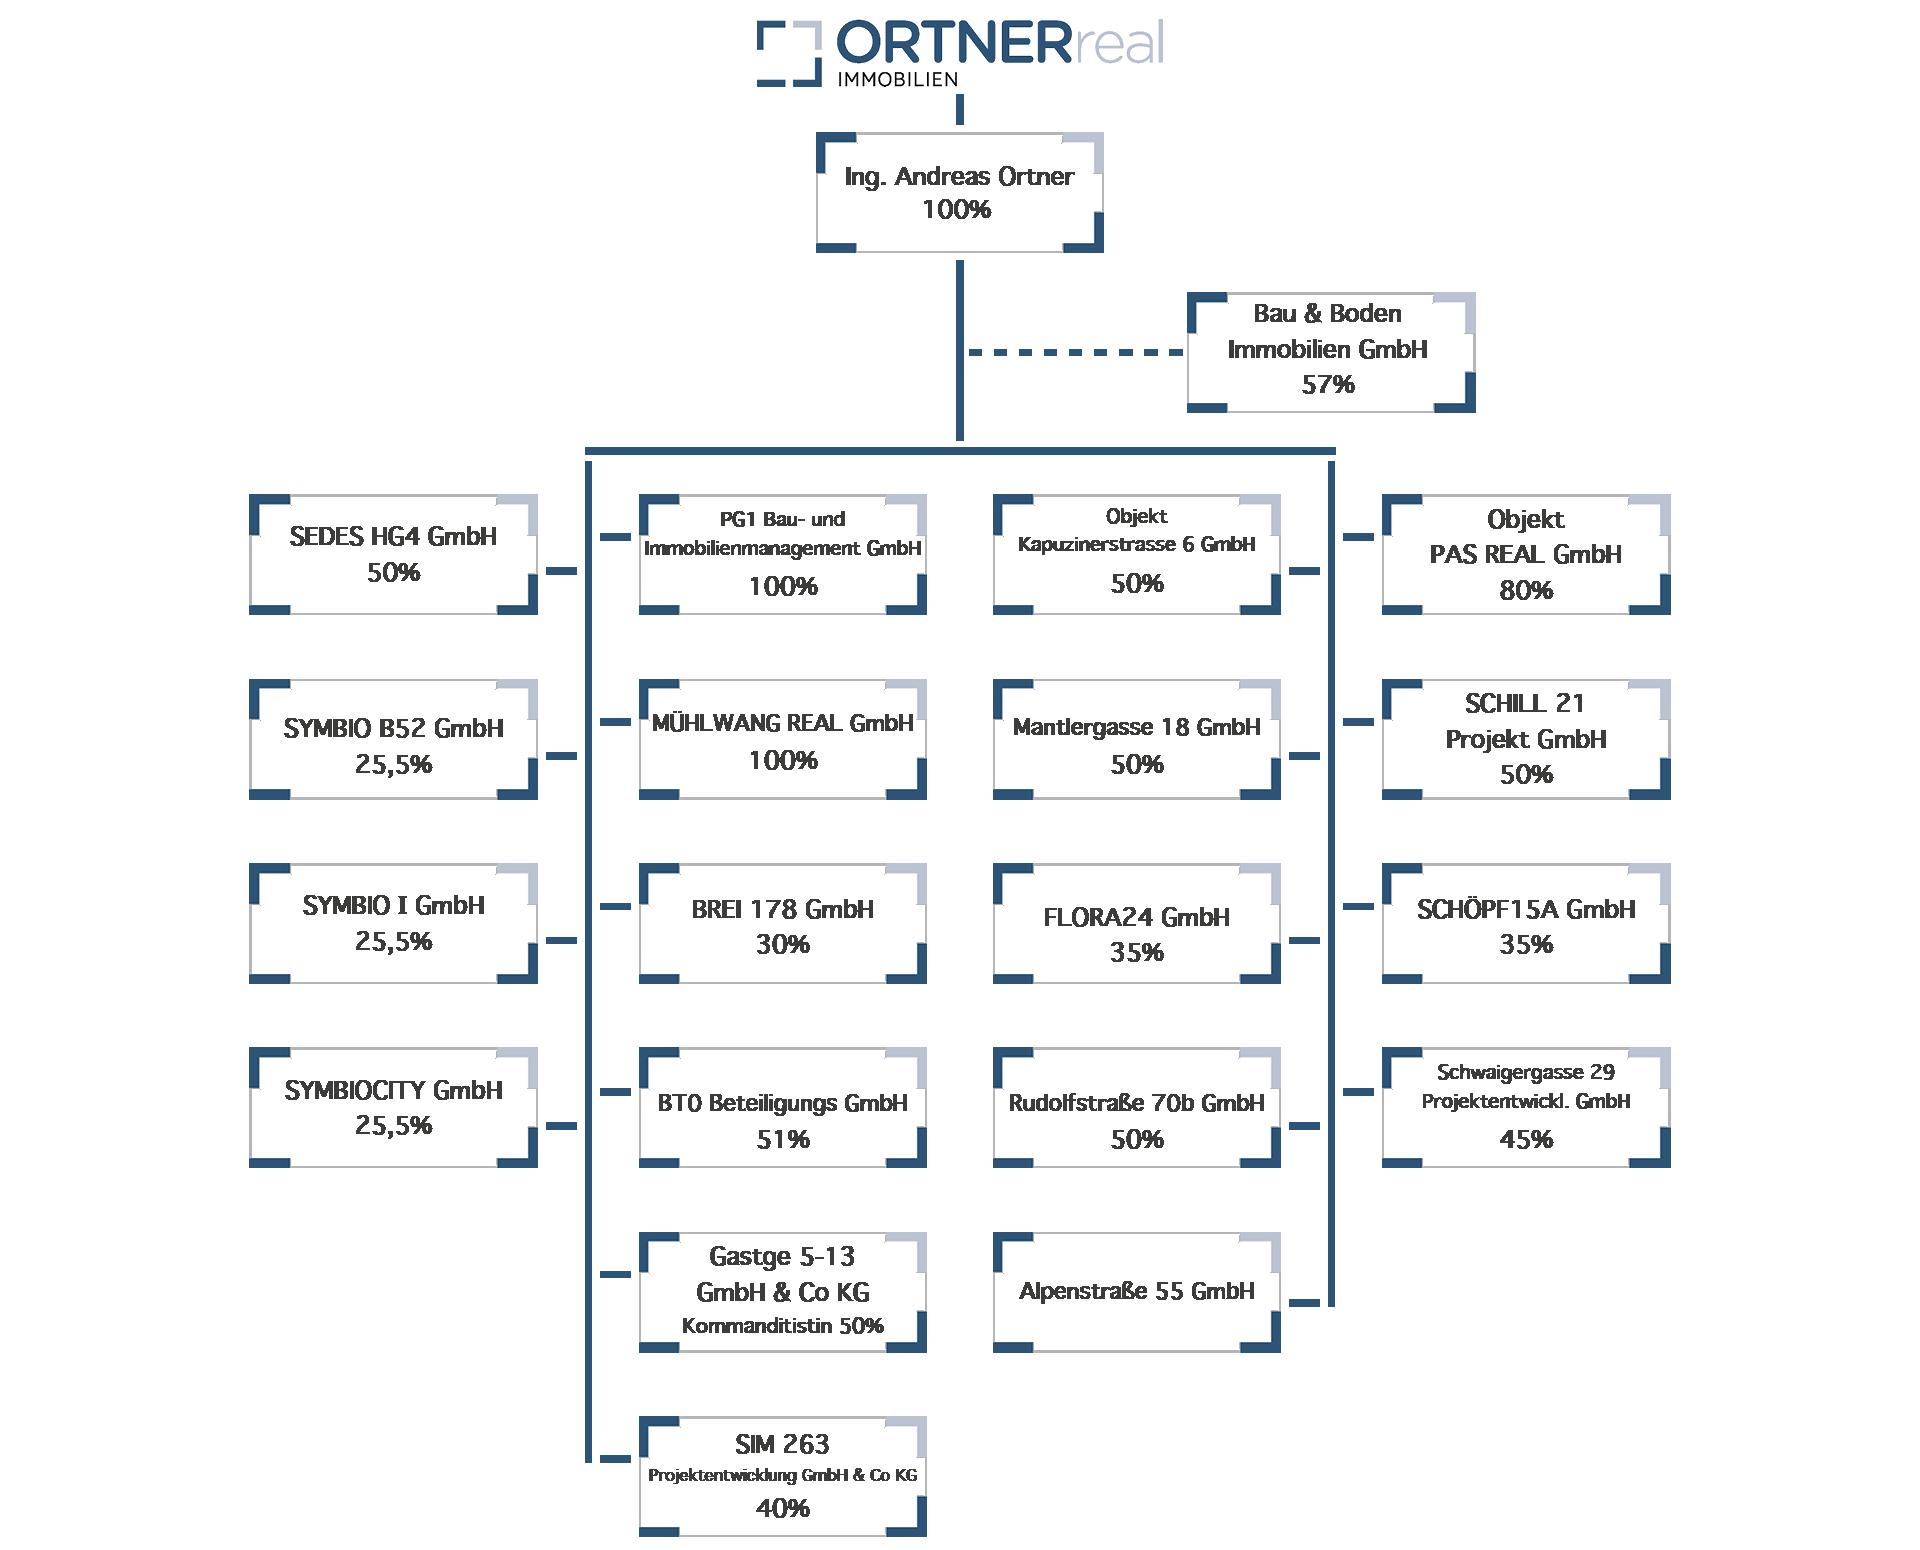 ORTNER Real Beteiligungs Organigramm